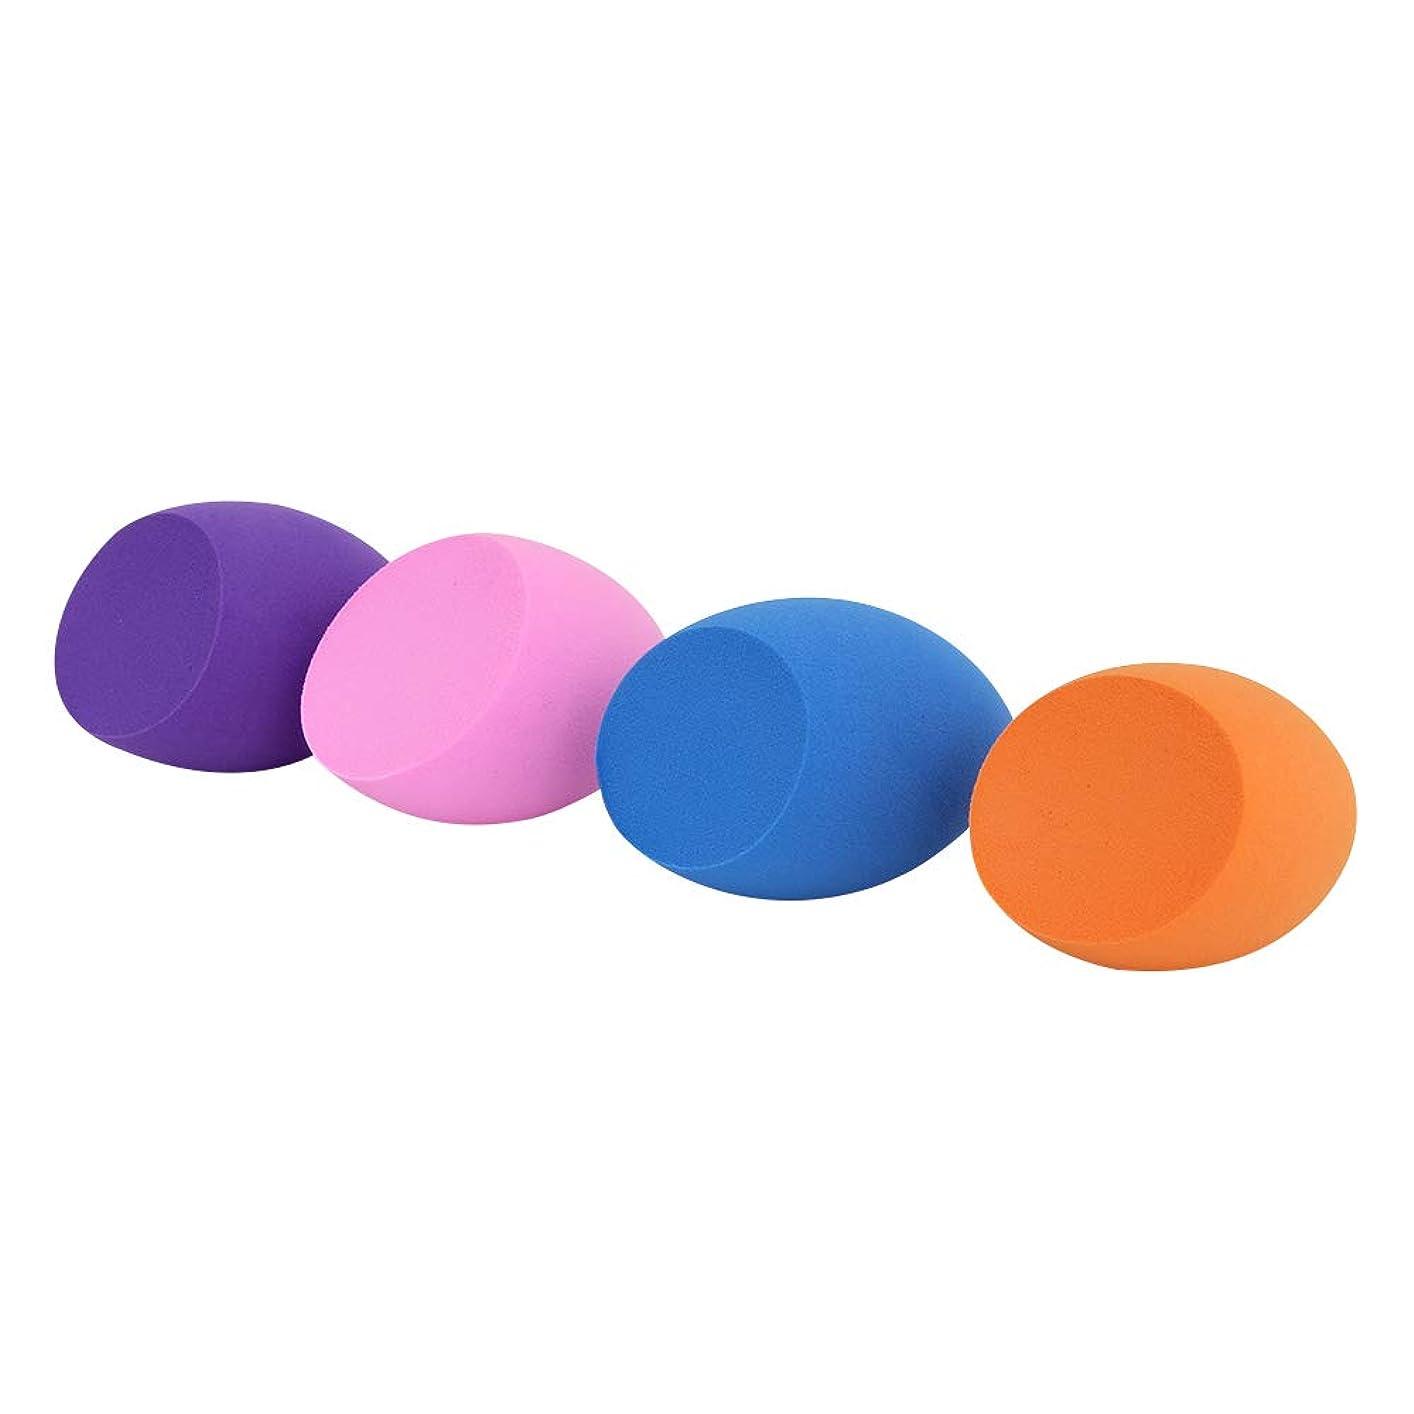 然とした剥離アルバムSUPER DREAM メイクスポンジ 4個セット 立体カット型 化粧 スポンジ 斜めカット 3Dスポンジ パフ フェイシャルスポンジ 親水性ポリウレタン メイクアップスポンジ 湿乾両用 ファンデーション 使い捨て 水洗い 何度も使える